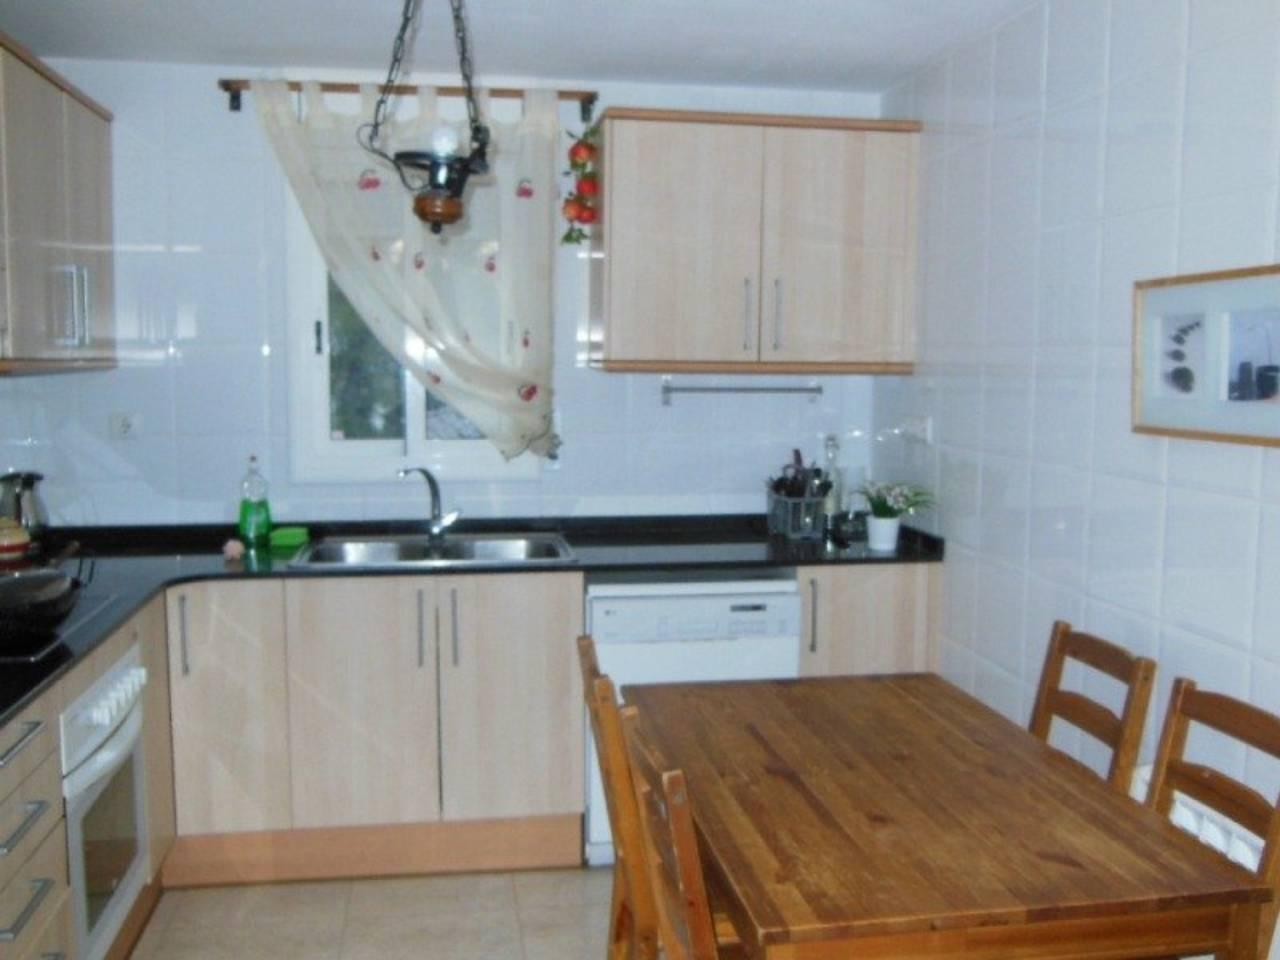 Casa  Calle joaquin rodrigo. Superf. 109.27 m² construidos,  3 habitaciones (1 tipo suite),